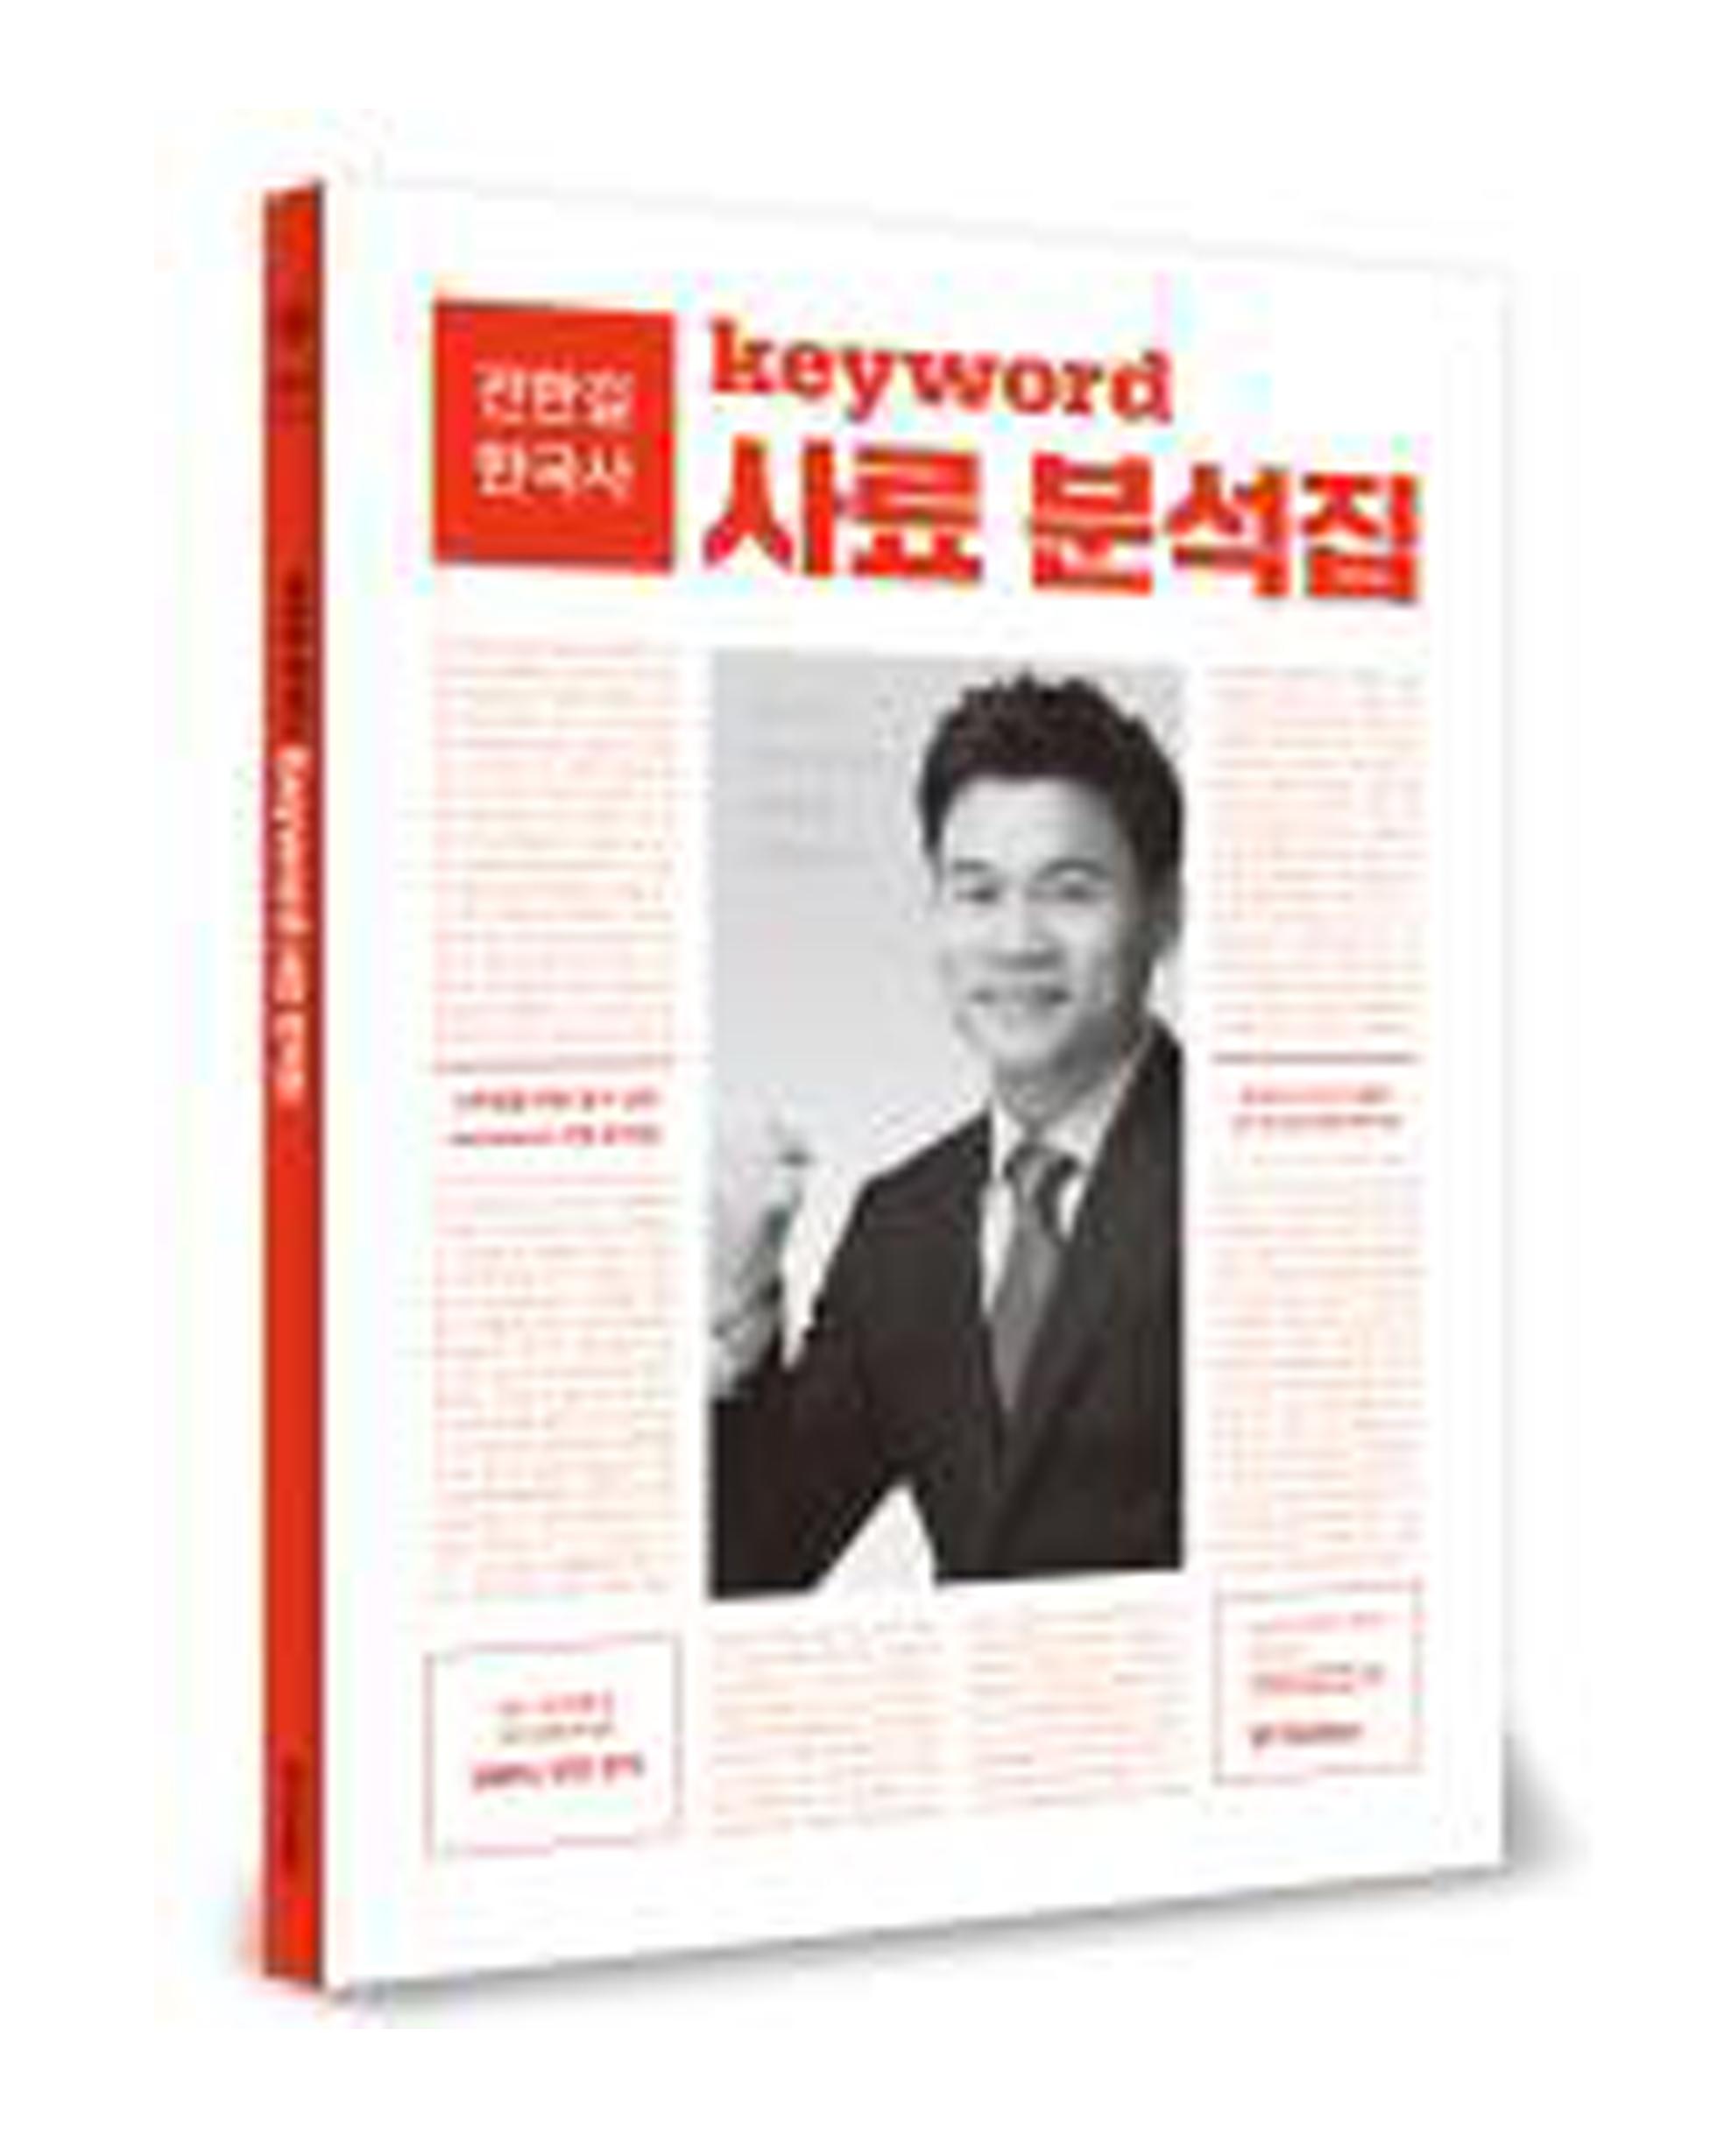 2017 전한길 한국사  Keyword 사료 분석집